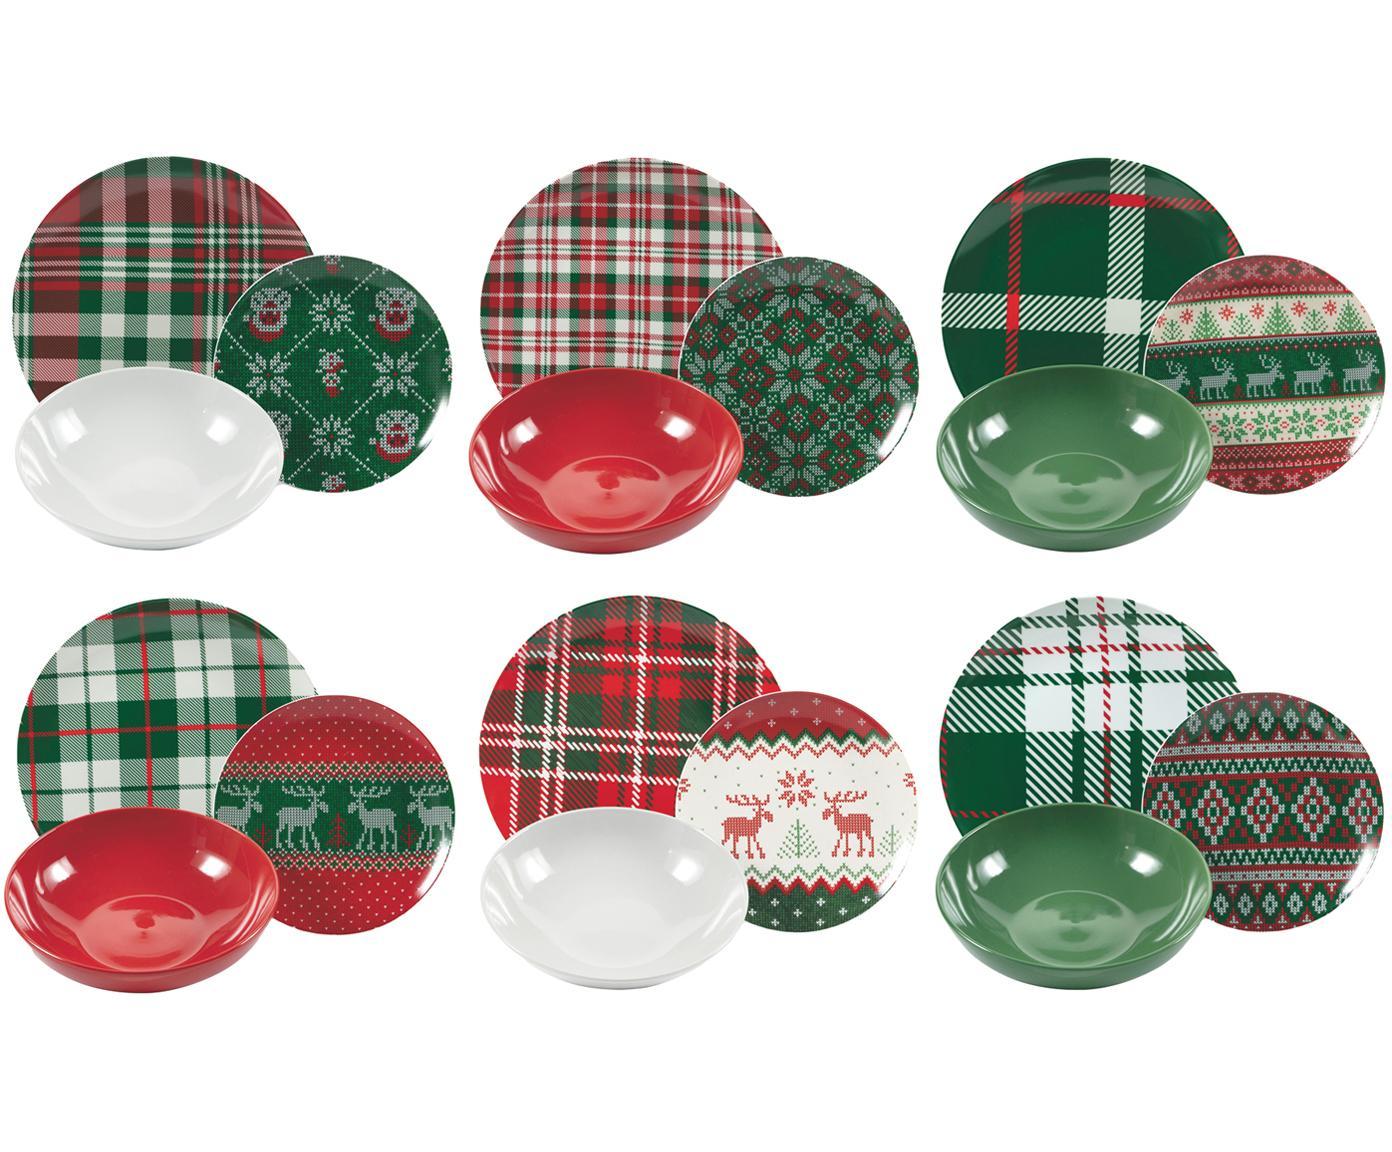 Geschirr-Set Chalet mit winterlichem Muster, 6 Personen (18-tlg.), Porzellan, Steingut, Mehrfarbig, Sondergrößen